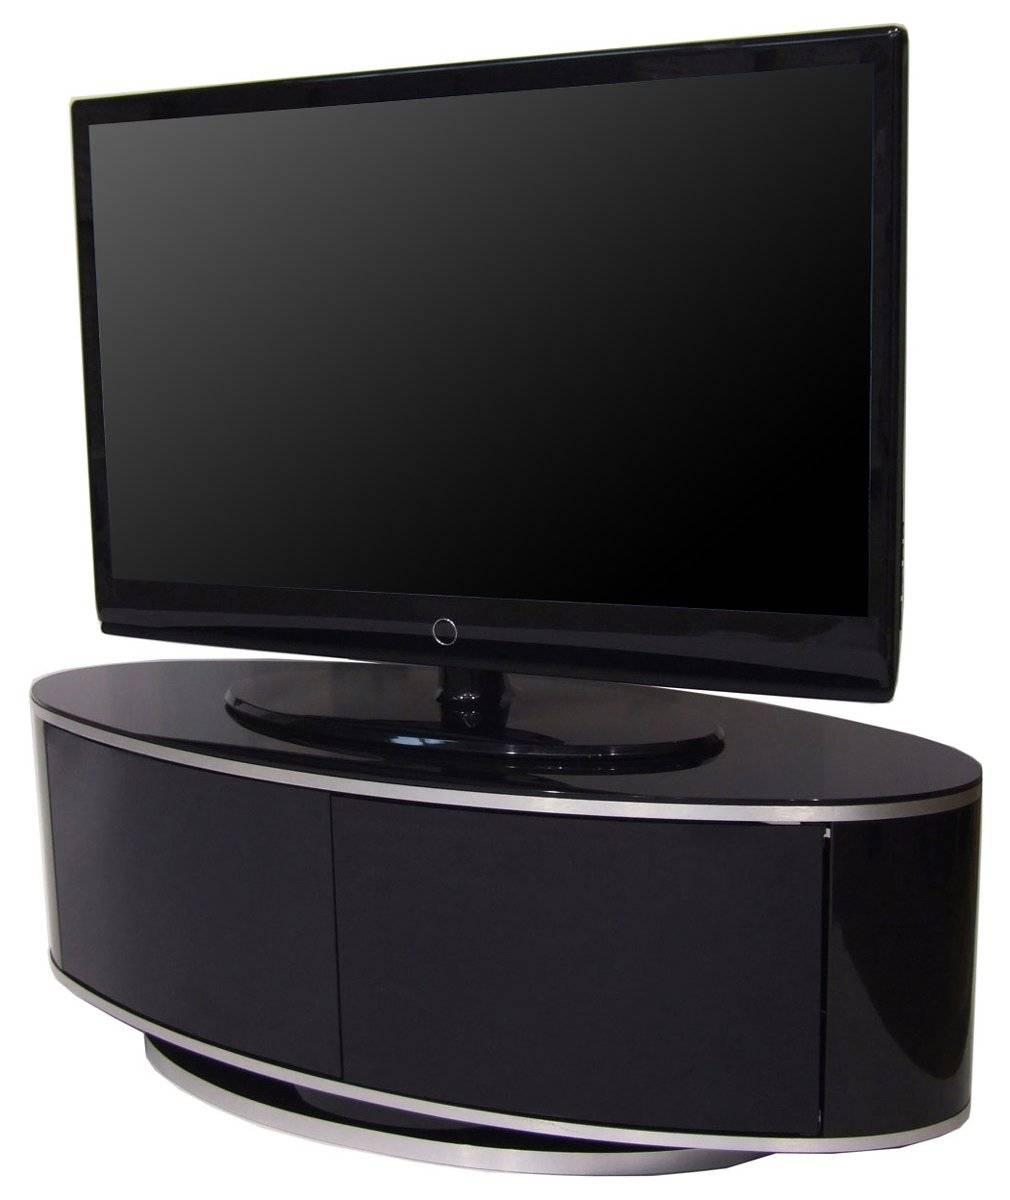 best 15 of black high gloss corner tv unit. Black Bedroom Furniture Sets. Home Design Ideas